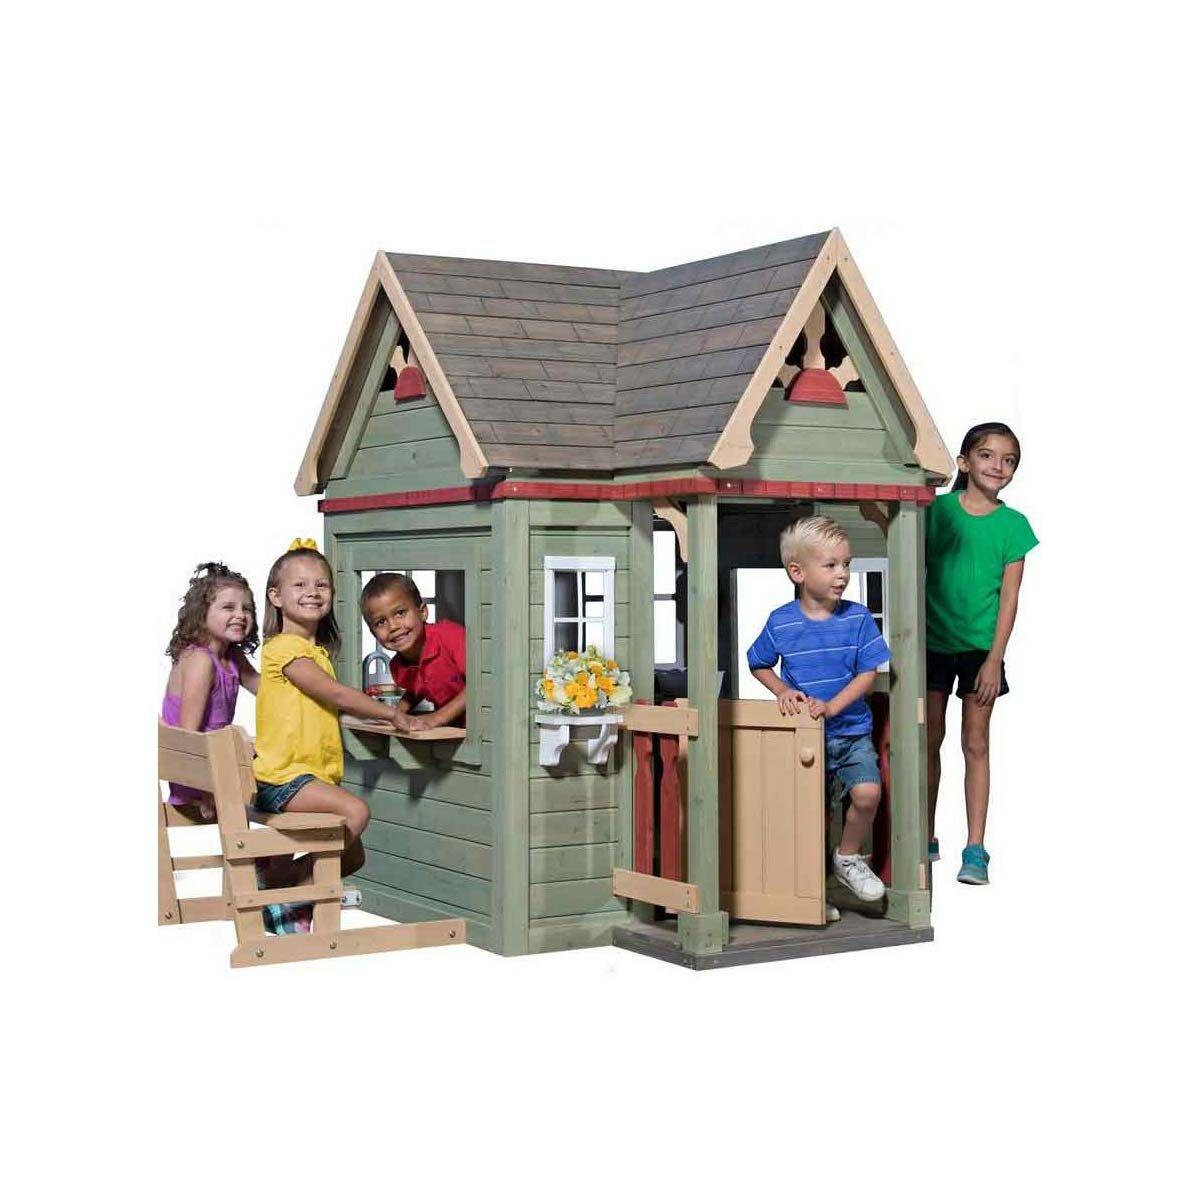 Backyard Spielhaus Victorian Inn aus Holz mit viel Zubehör